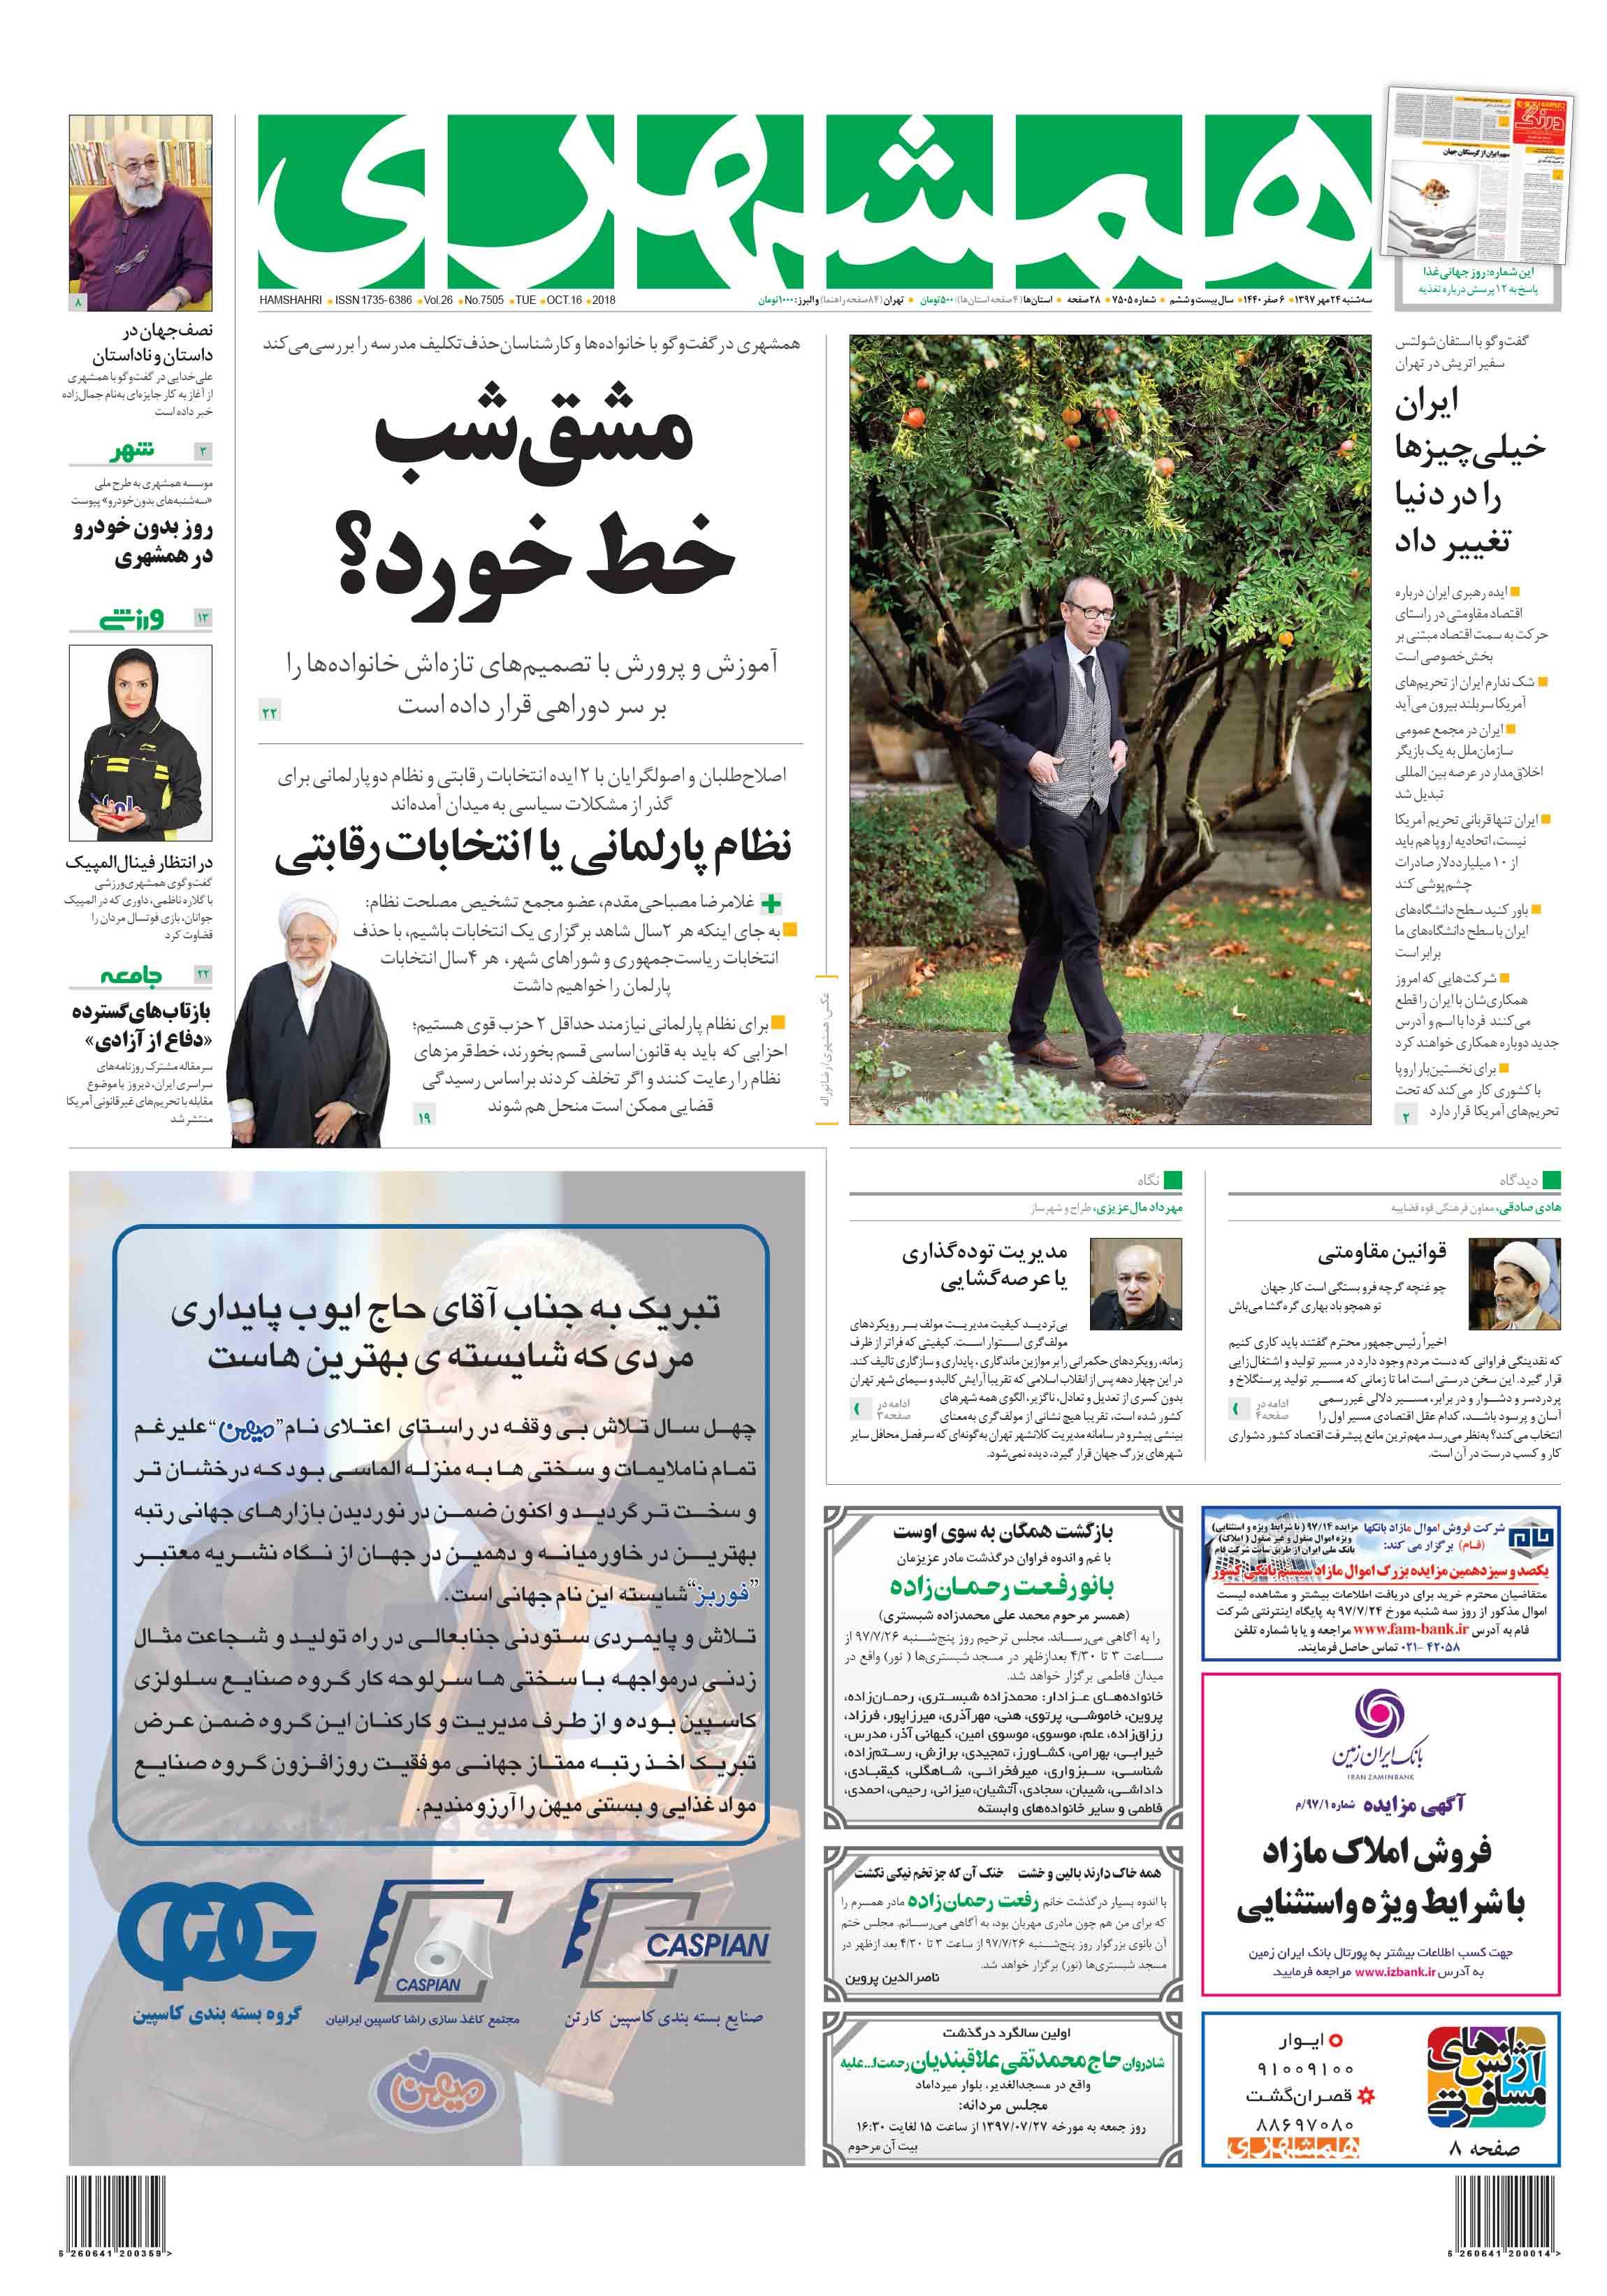 صفحه اول سهشنبه 24 مهر 1397